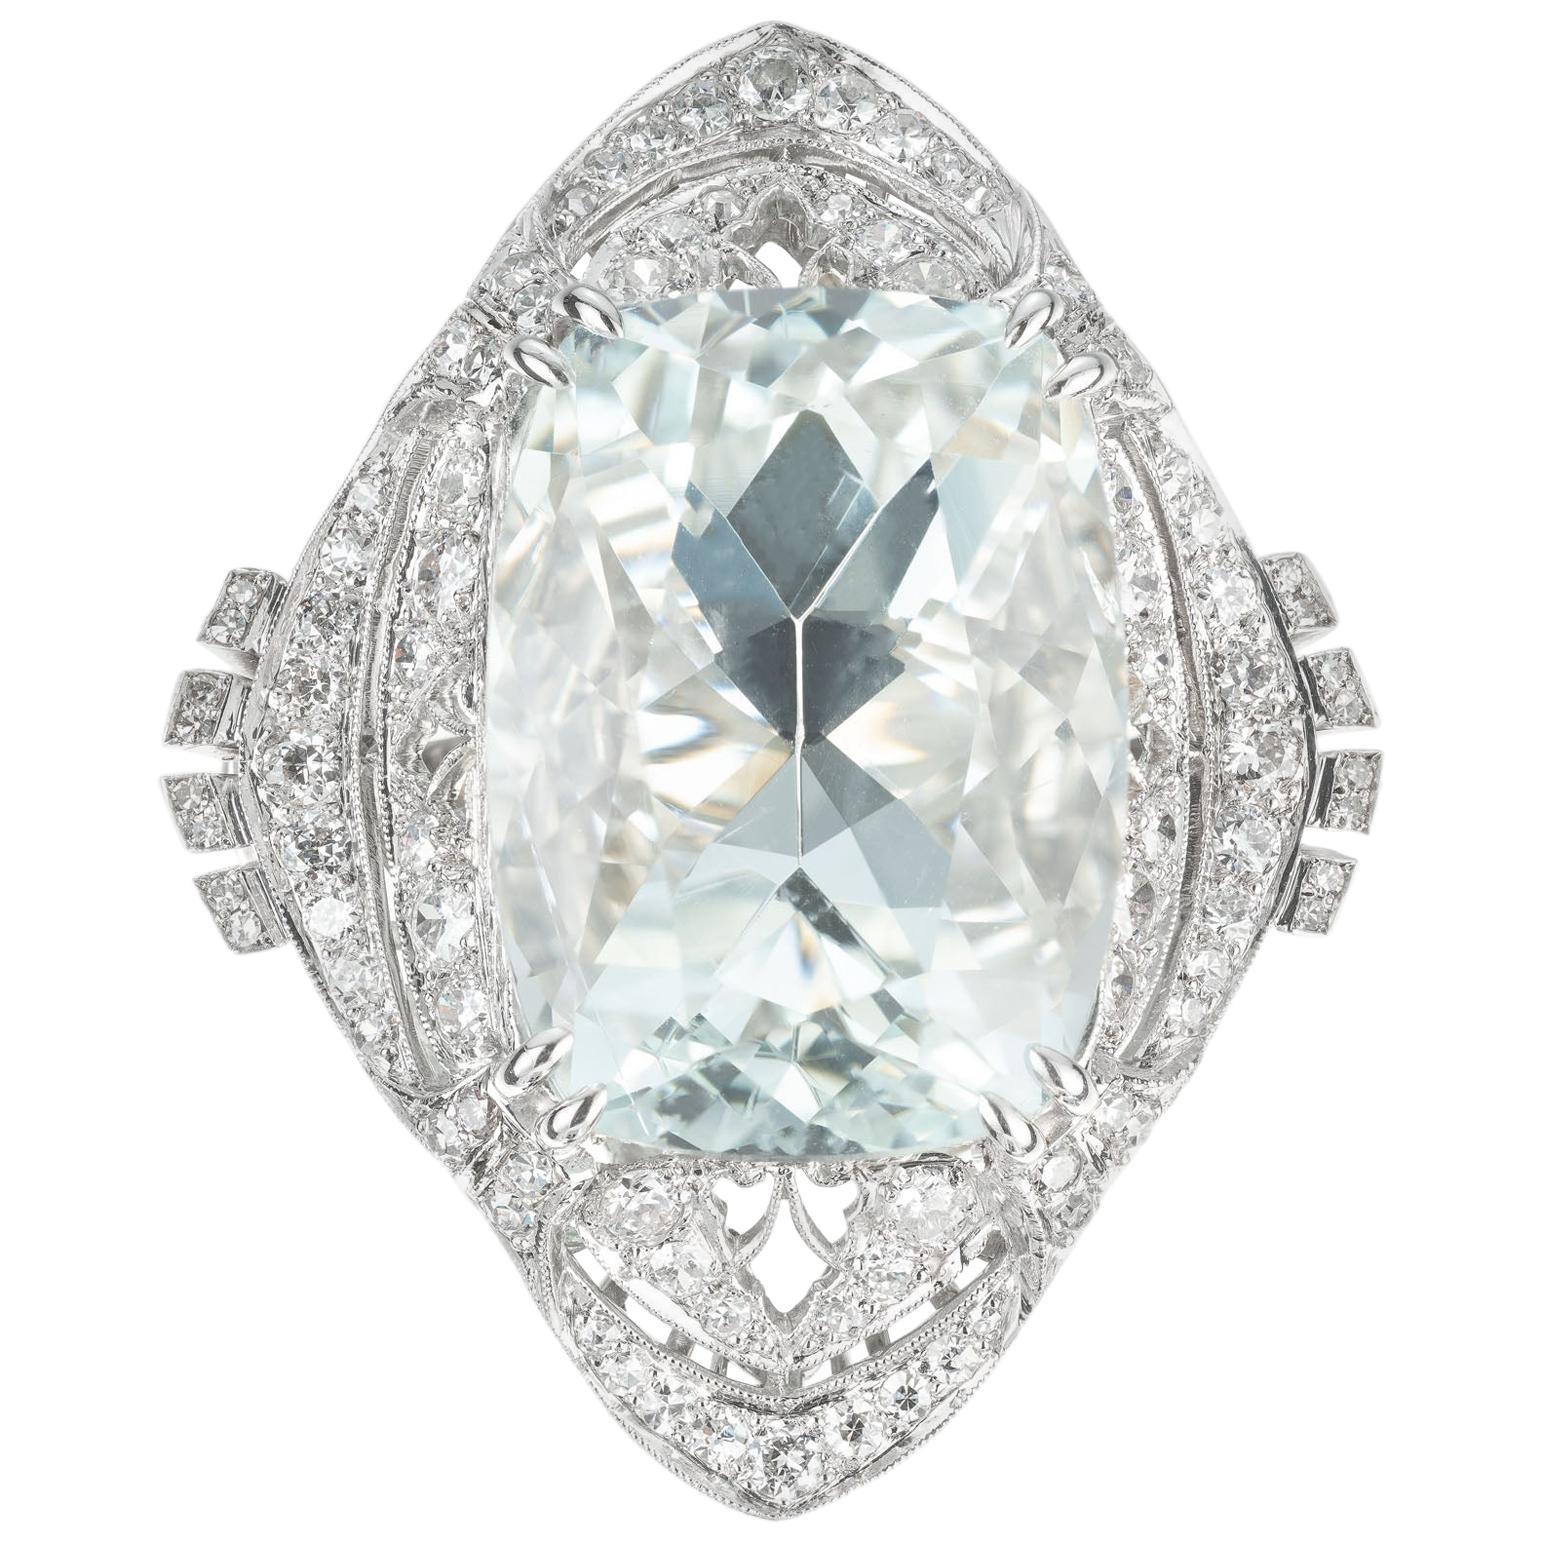 29.34 Carat Pale Blue Aquamarine Diamond Platinum Cocktail Ring